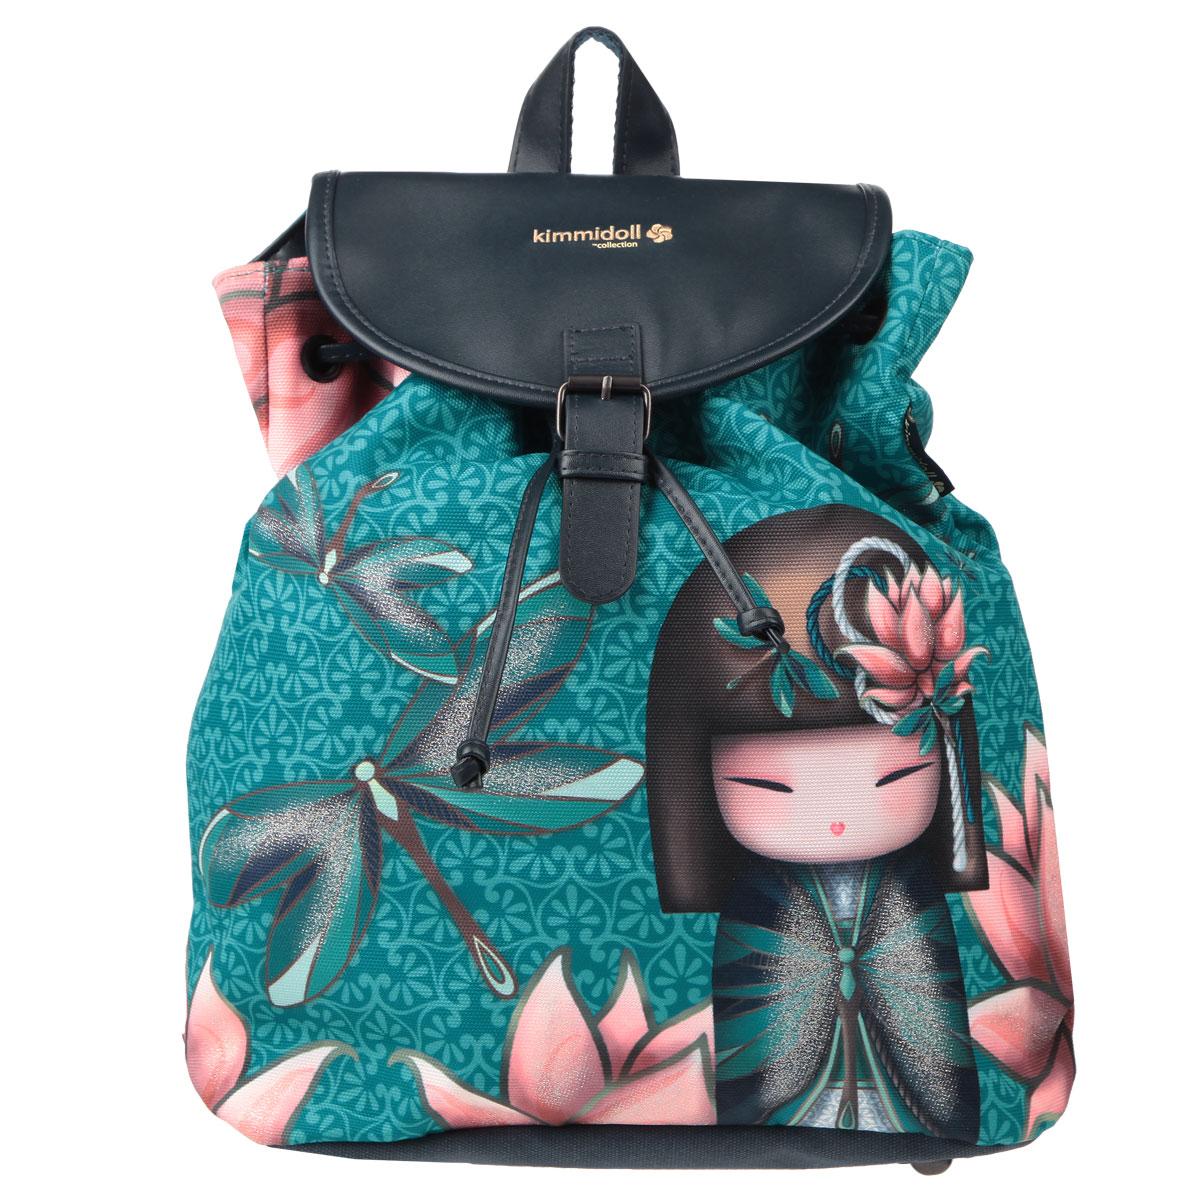 Рюкзак детский Kimmidoll, цвет: бирюзовыйKMBB-UT1-538С рюкзаком Kimmidoll можно отправиться в поход по магазинам, на учебу или покорять модные вершины, он сочетает в себе совершенный стиль и практичность. Во вместительное отделение рюкзака можно положить все необходимое и даже немного больше. Отделка выполнена качественной подкладочной тканью. Внутри предусмотрены два кармана для мелочей: один потайной на молнии, второй - открытый. Рюкзак затягивается шнурком и закрывается крышкой-клапаном на защелке. Лямки рюкзака свободно регулируются по длине, обеспечивая удобство и комфорт, ручка сверху позволяет с легкостью носить его в руках. На дне расположены небольшие металлические ножки. А гармоничное сочетание в отделке сатина и экокожи подчеркивает индивидуальность изделия и станет идеальным дополнением вашего повседневного образа.